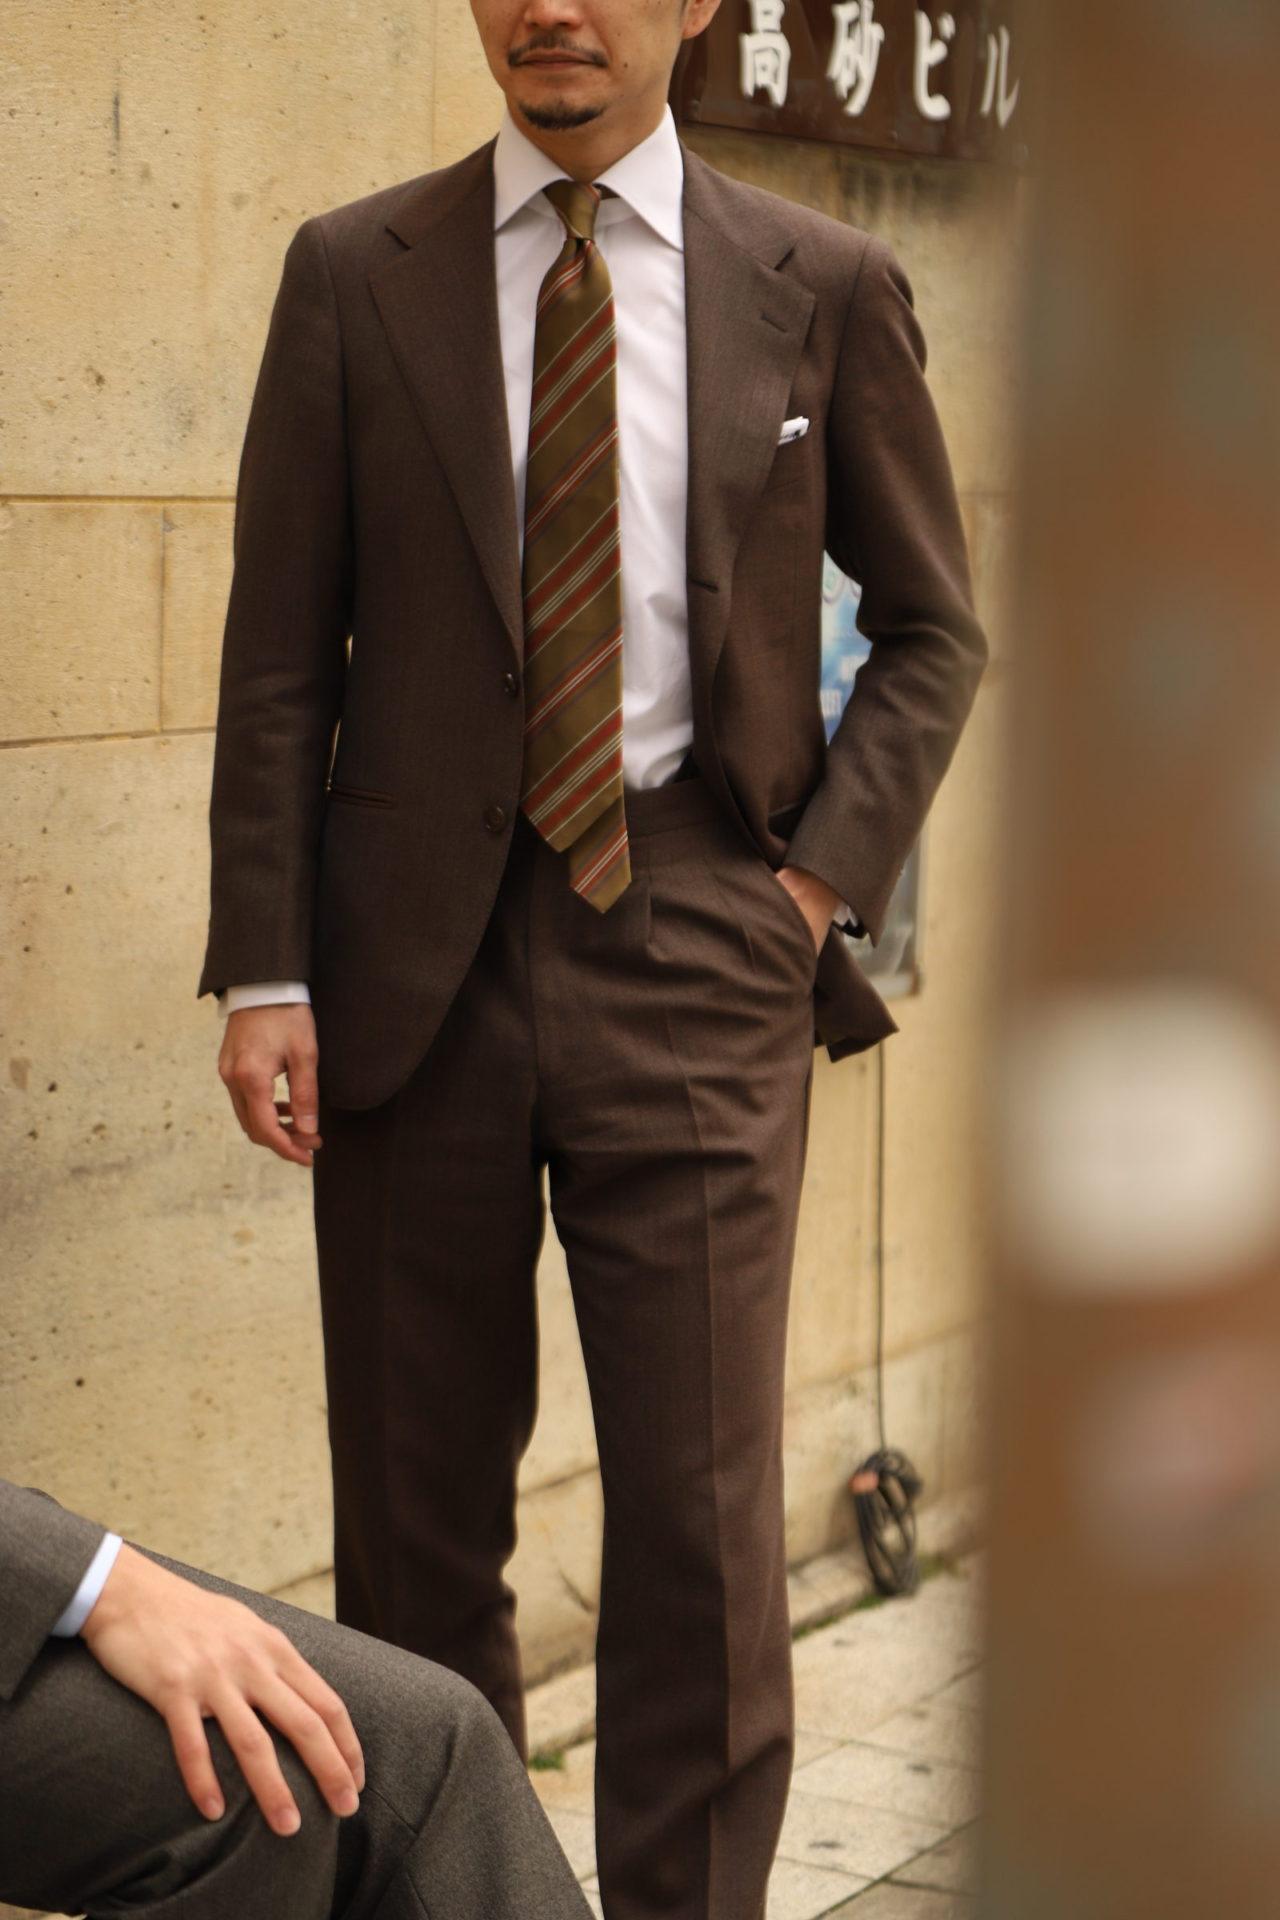 アット ヴァンヌッチ(Atto Vannucci)のグリーンのネクタイをザ・ジーズ・ハイドアウト(THE G'S HIDEOUT.)のレダの生地で仕立てたブラウンオーダースーツに合わせたスタイル。